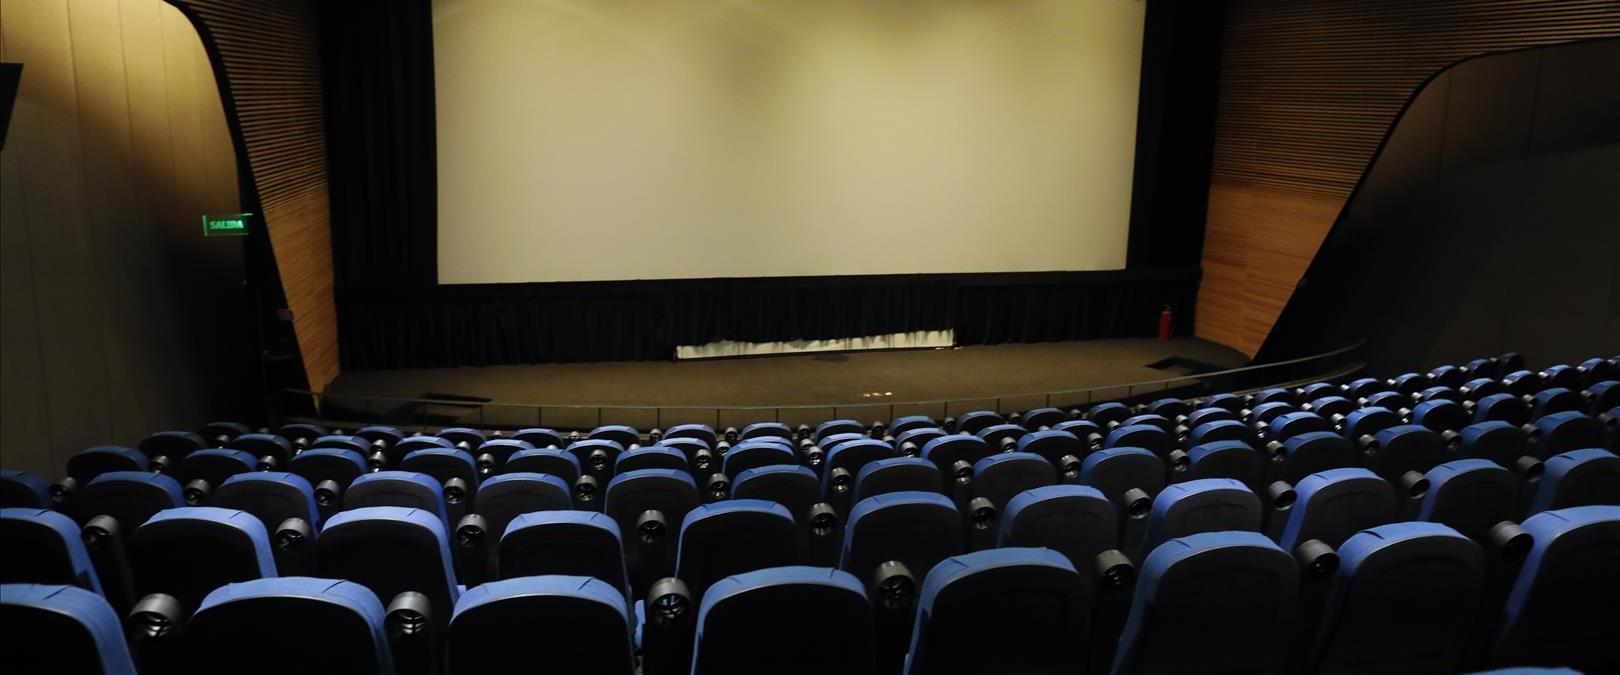 אולם קולנוע ריק